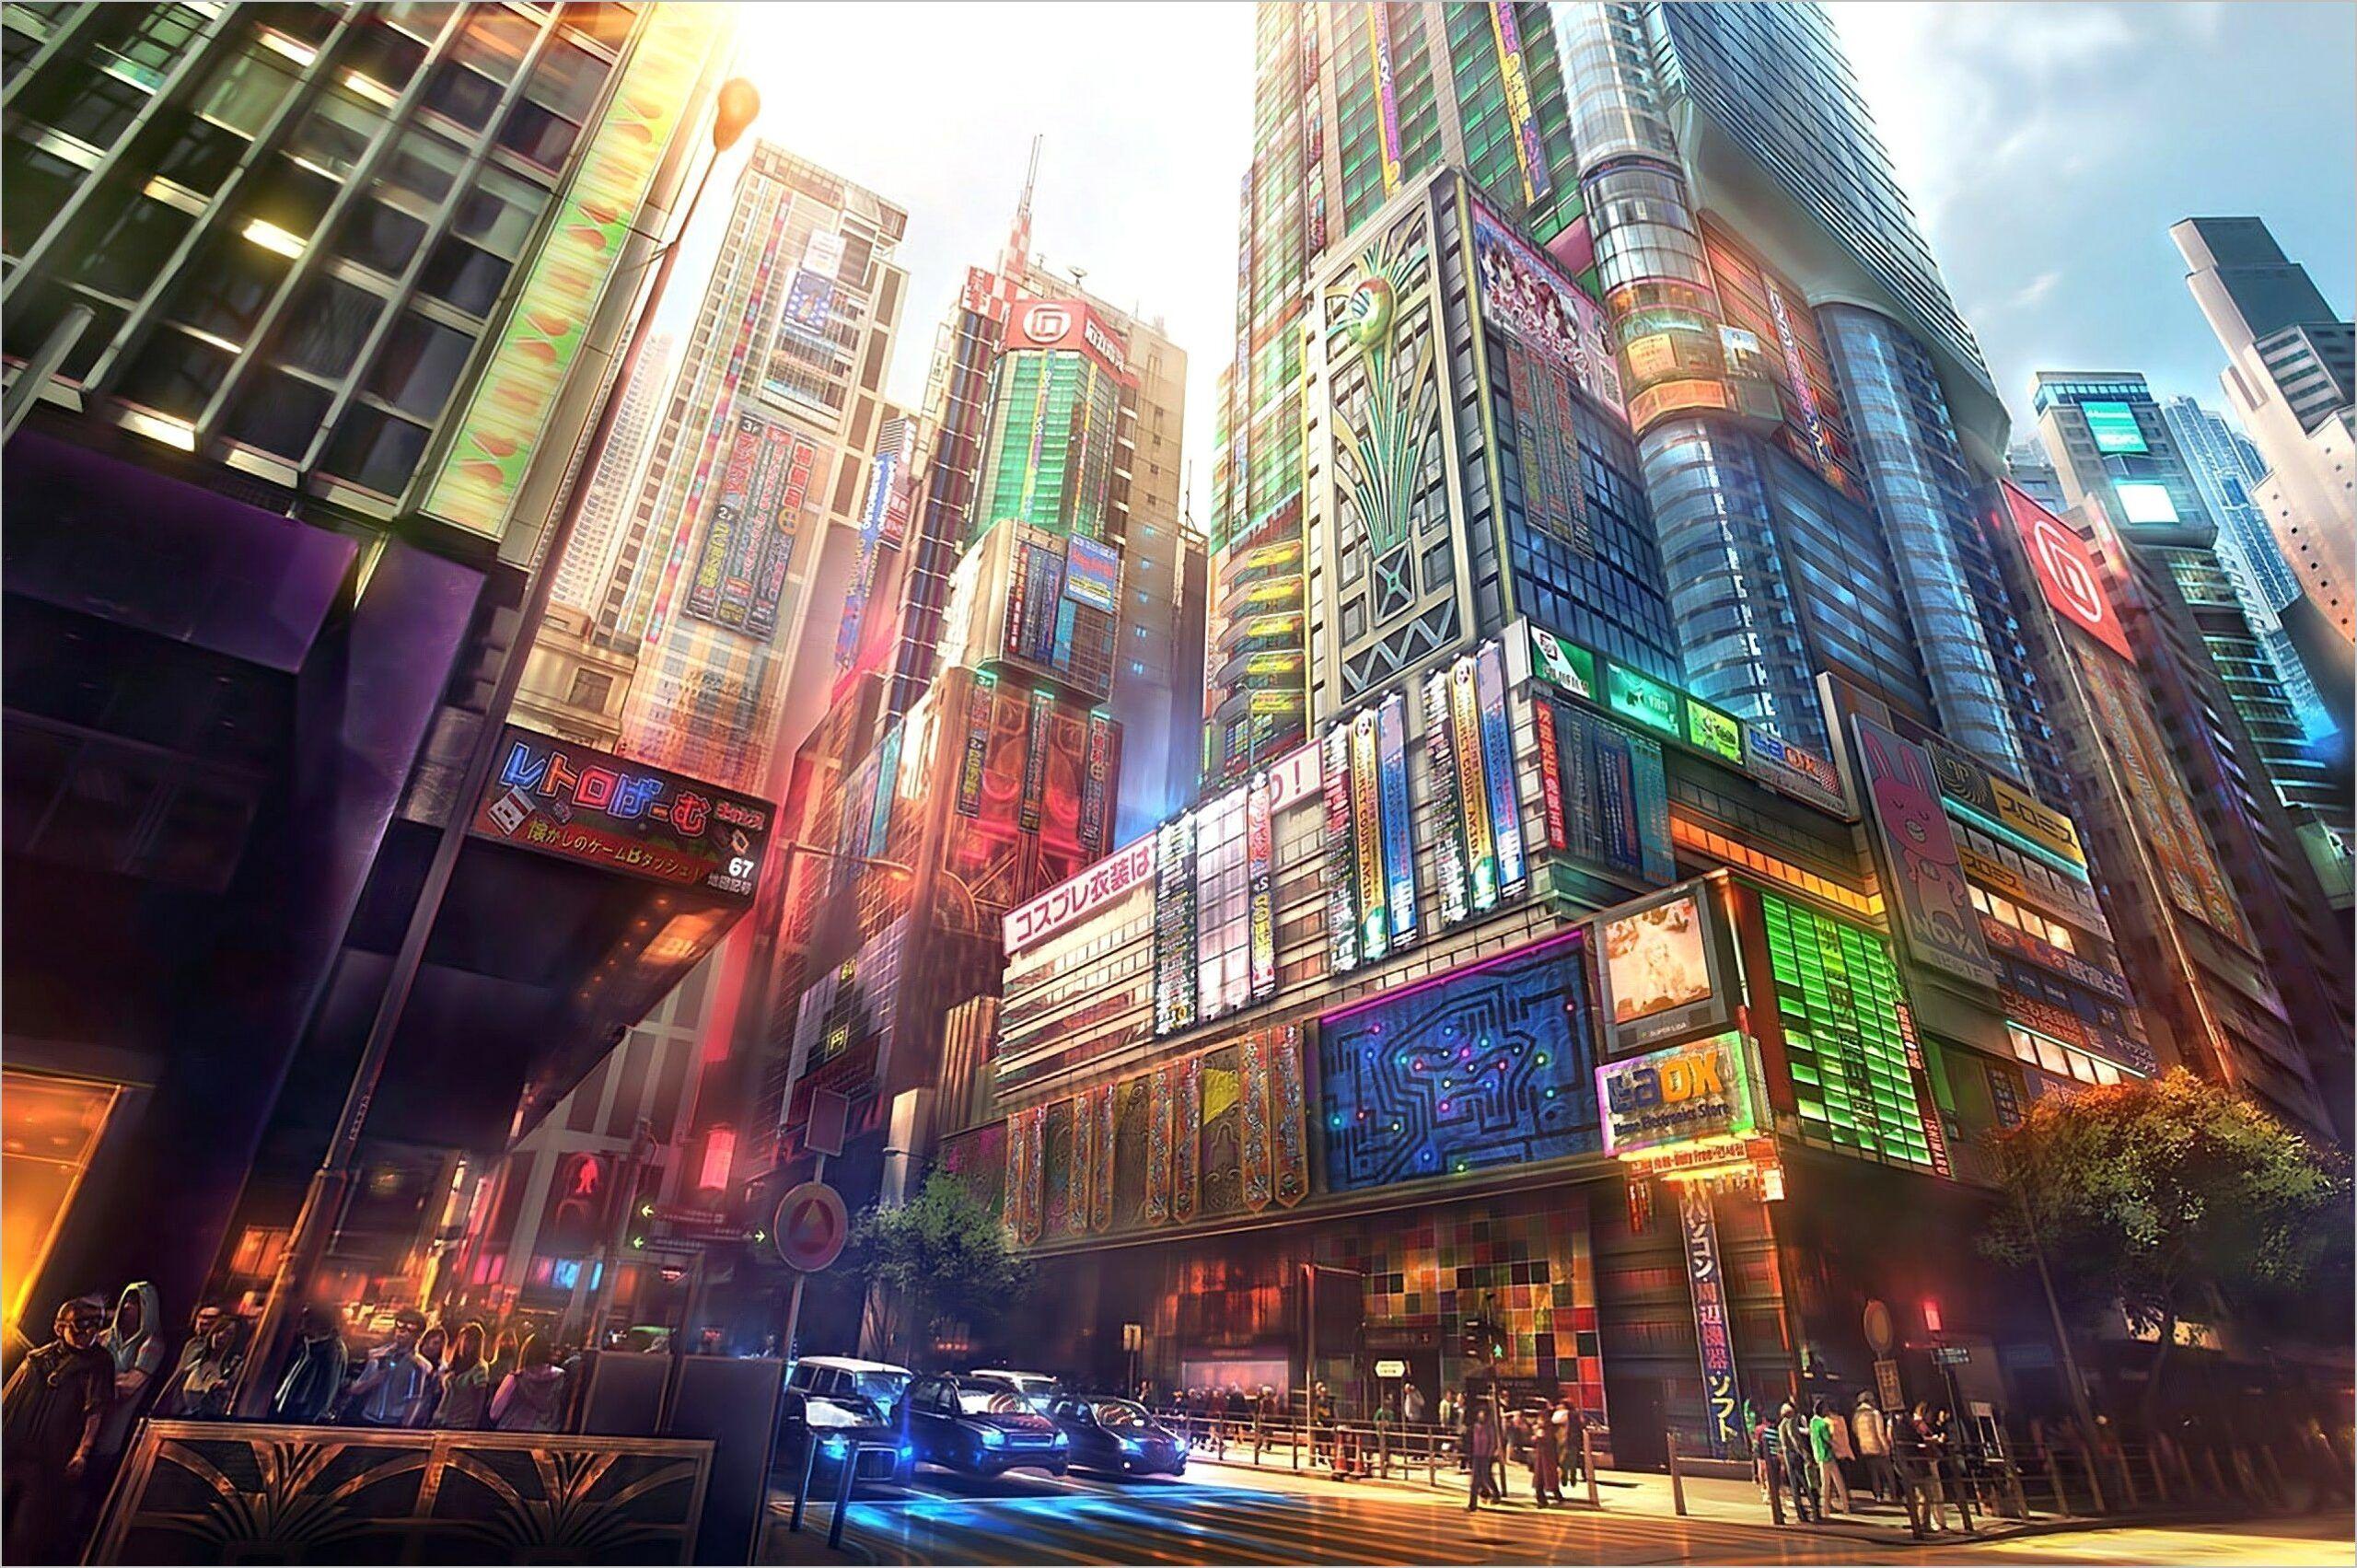 Japan 4k Wallpaper Reddit Anime City Anime Scenery Wallpaper City Wallpaper